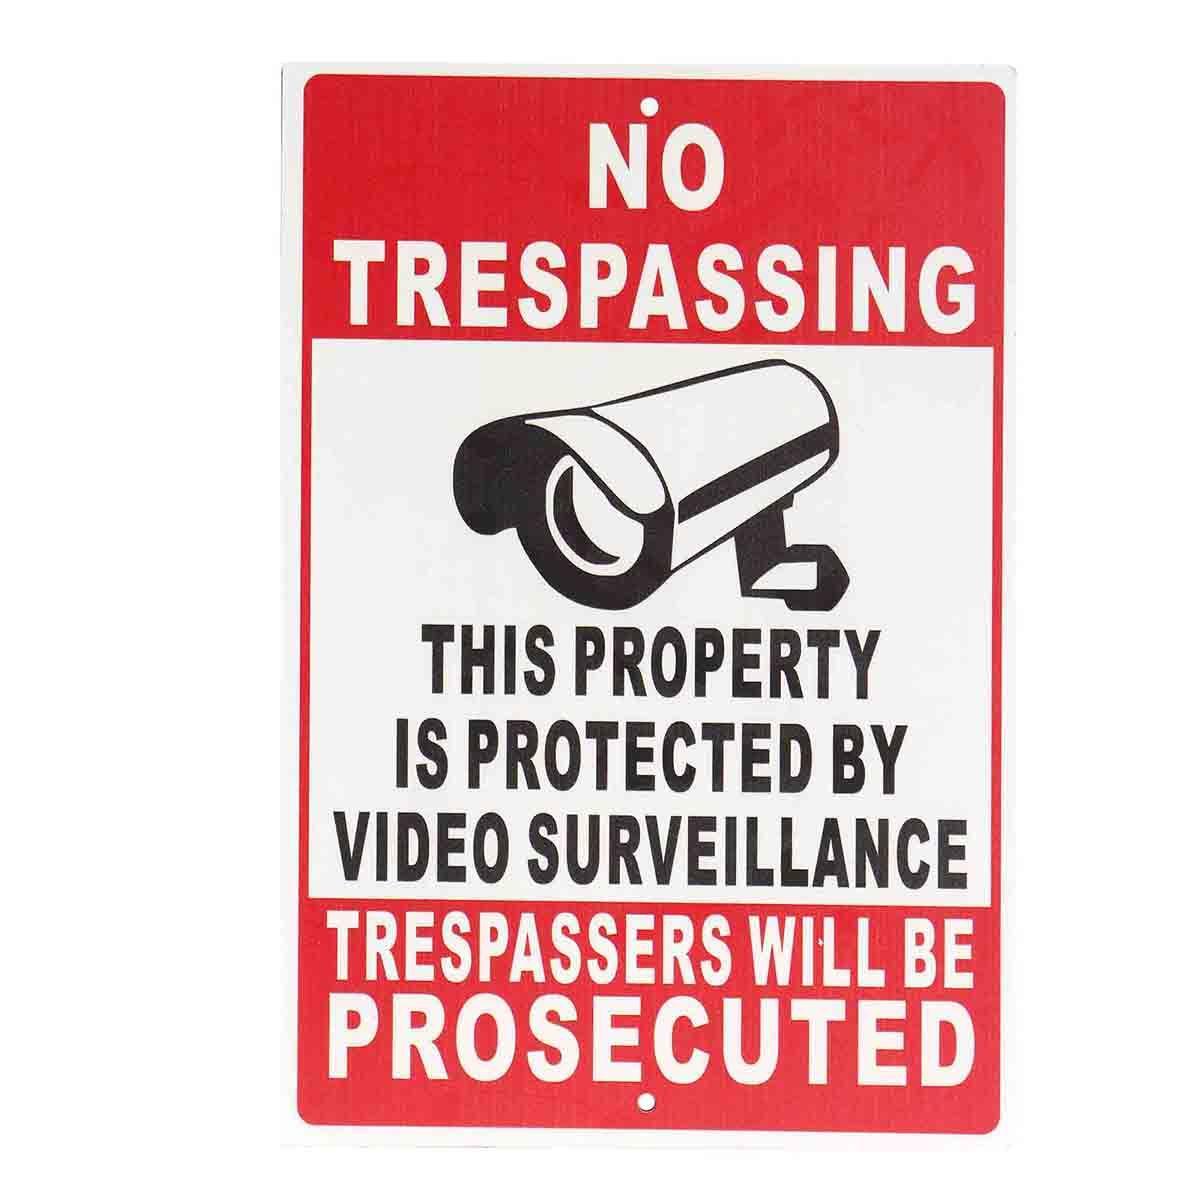 NEUE KEINE Trespassing Eigentum Geschützt Durch Videoüberwachung Sicherheit Kamera Metall Zeichen